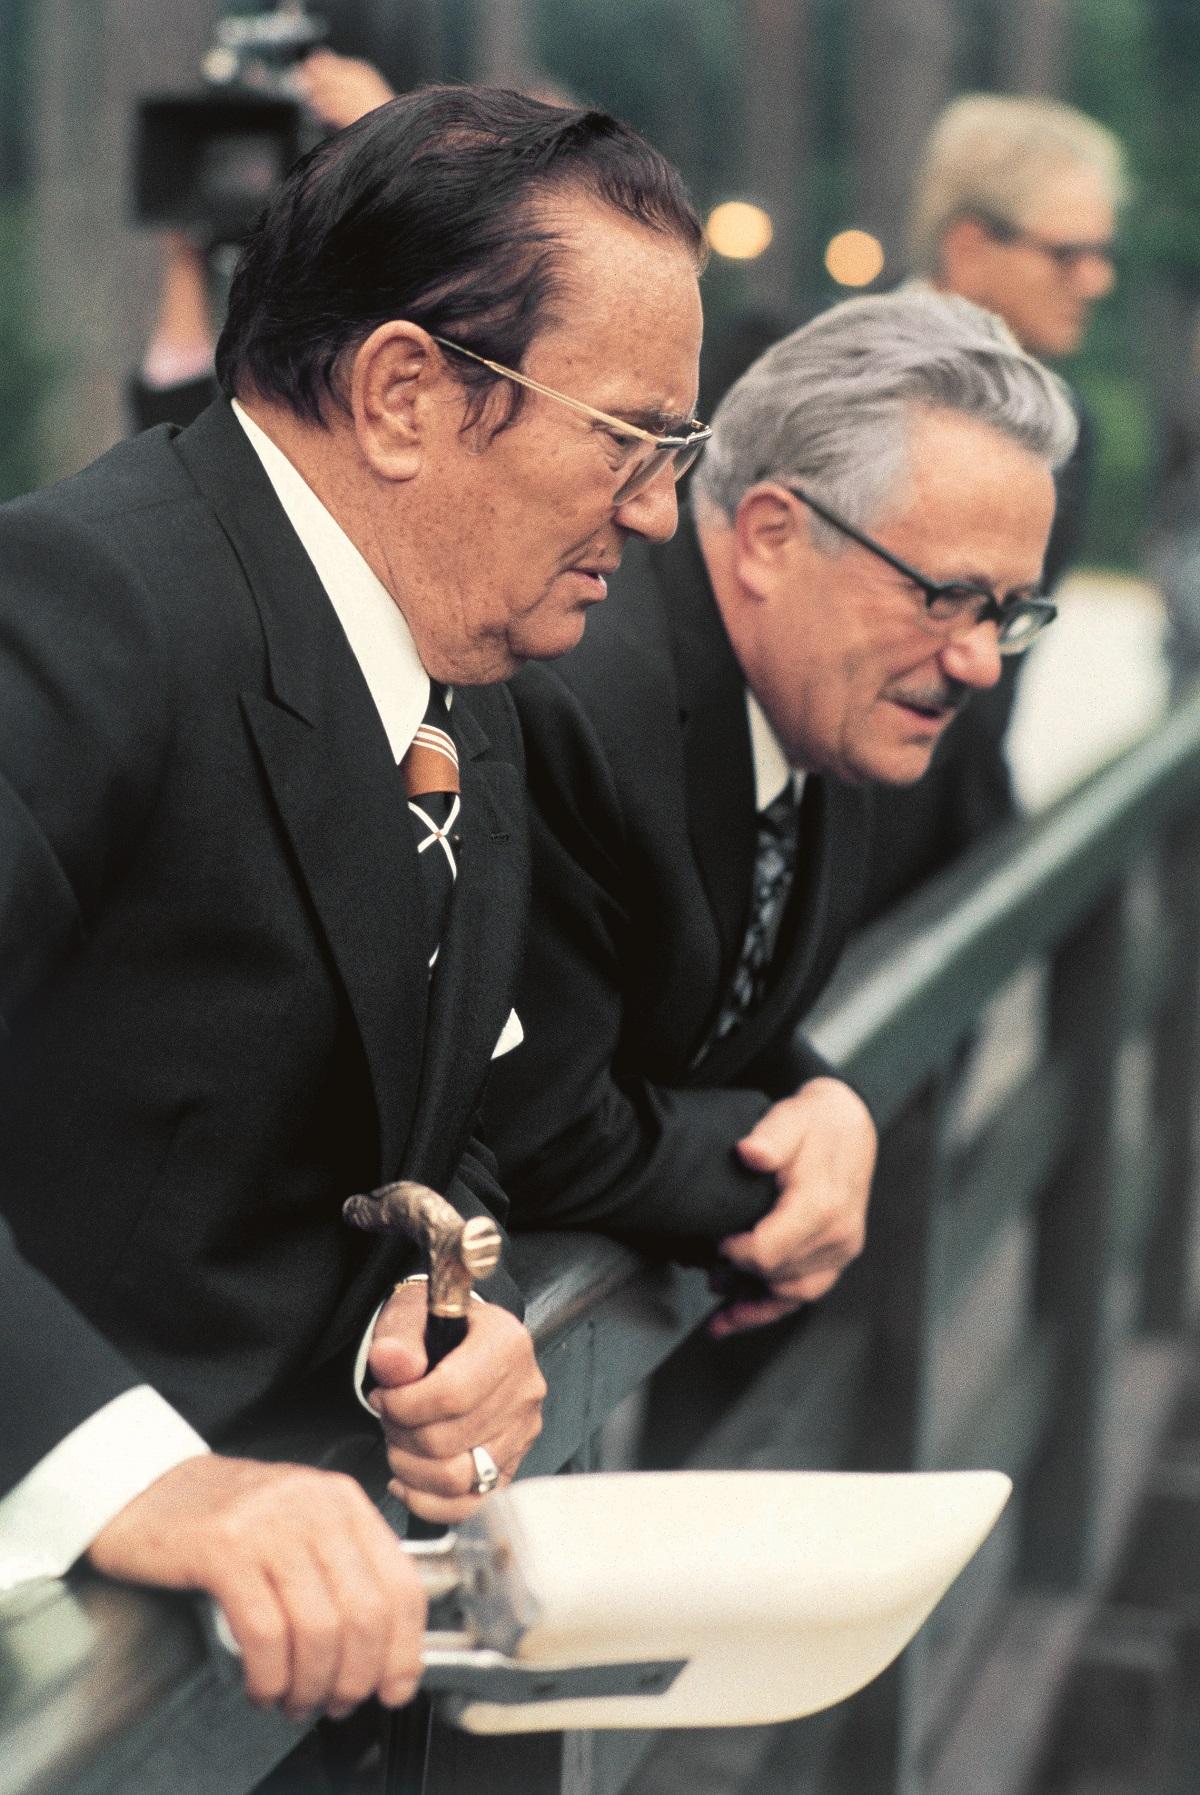 """""""Oci Jugoslavije"""" Tito i Kardelj pokrenuli su 1968. projekt ustavnopravne reforme federacije koji će završiti 1974. donošenjem novog, u biti konfederalnog Ustava. Bilandžić, hrvatski komunistički političar i povjesničar, jedan od najbližih suradnika Franje Tuđmana, u svojim zapisima ustvrdio je da mu je Kardelj osobno, u jeku Hrvatskog proljeća, rekao da su se Tito i on dogovorili da idu u """"razdruživanje"""" Jugoslavije"""